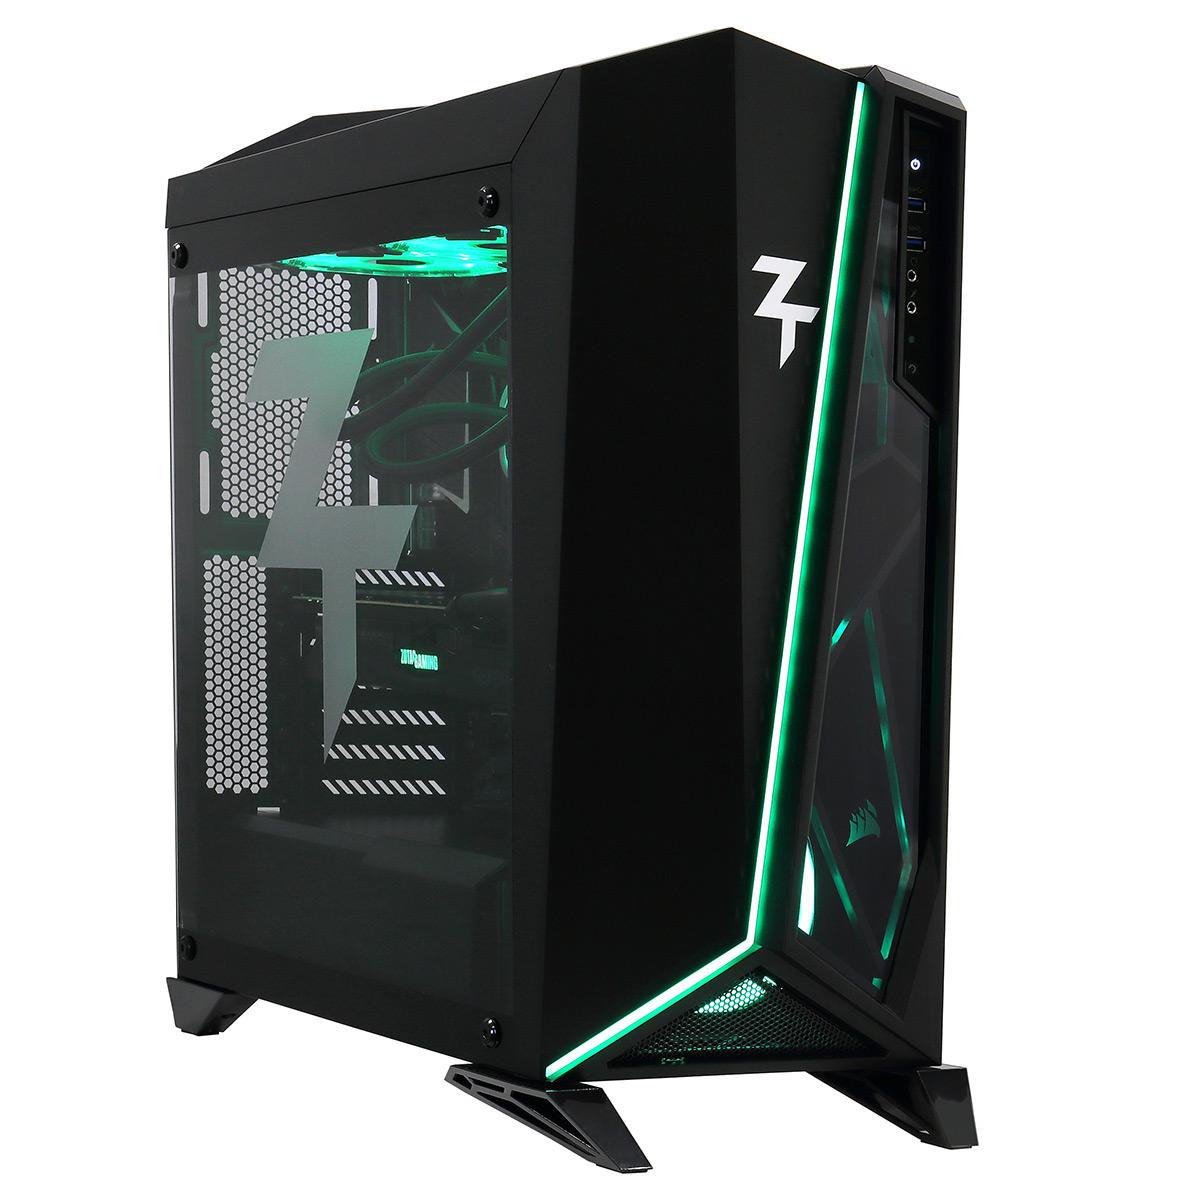 PC de bureau PC10 ZT Indépendant Intel Core i9-9900K (3.6 GHz) 16 Go SSD 480 Go + HDD 4 To NVIDIA GeForce RTX 2080 Ti 8 Go Wi-Fi AC Windows 10 Famille 64 bits (monté)